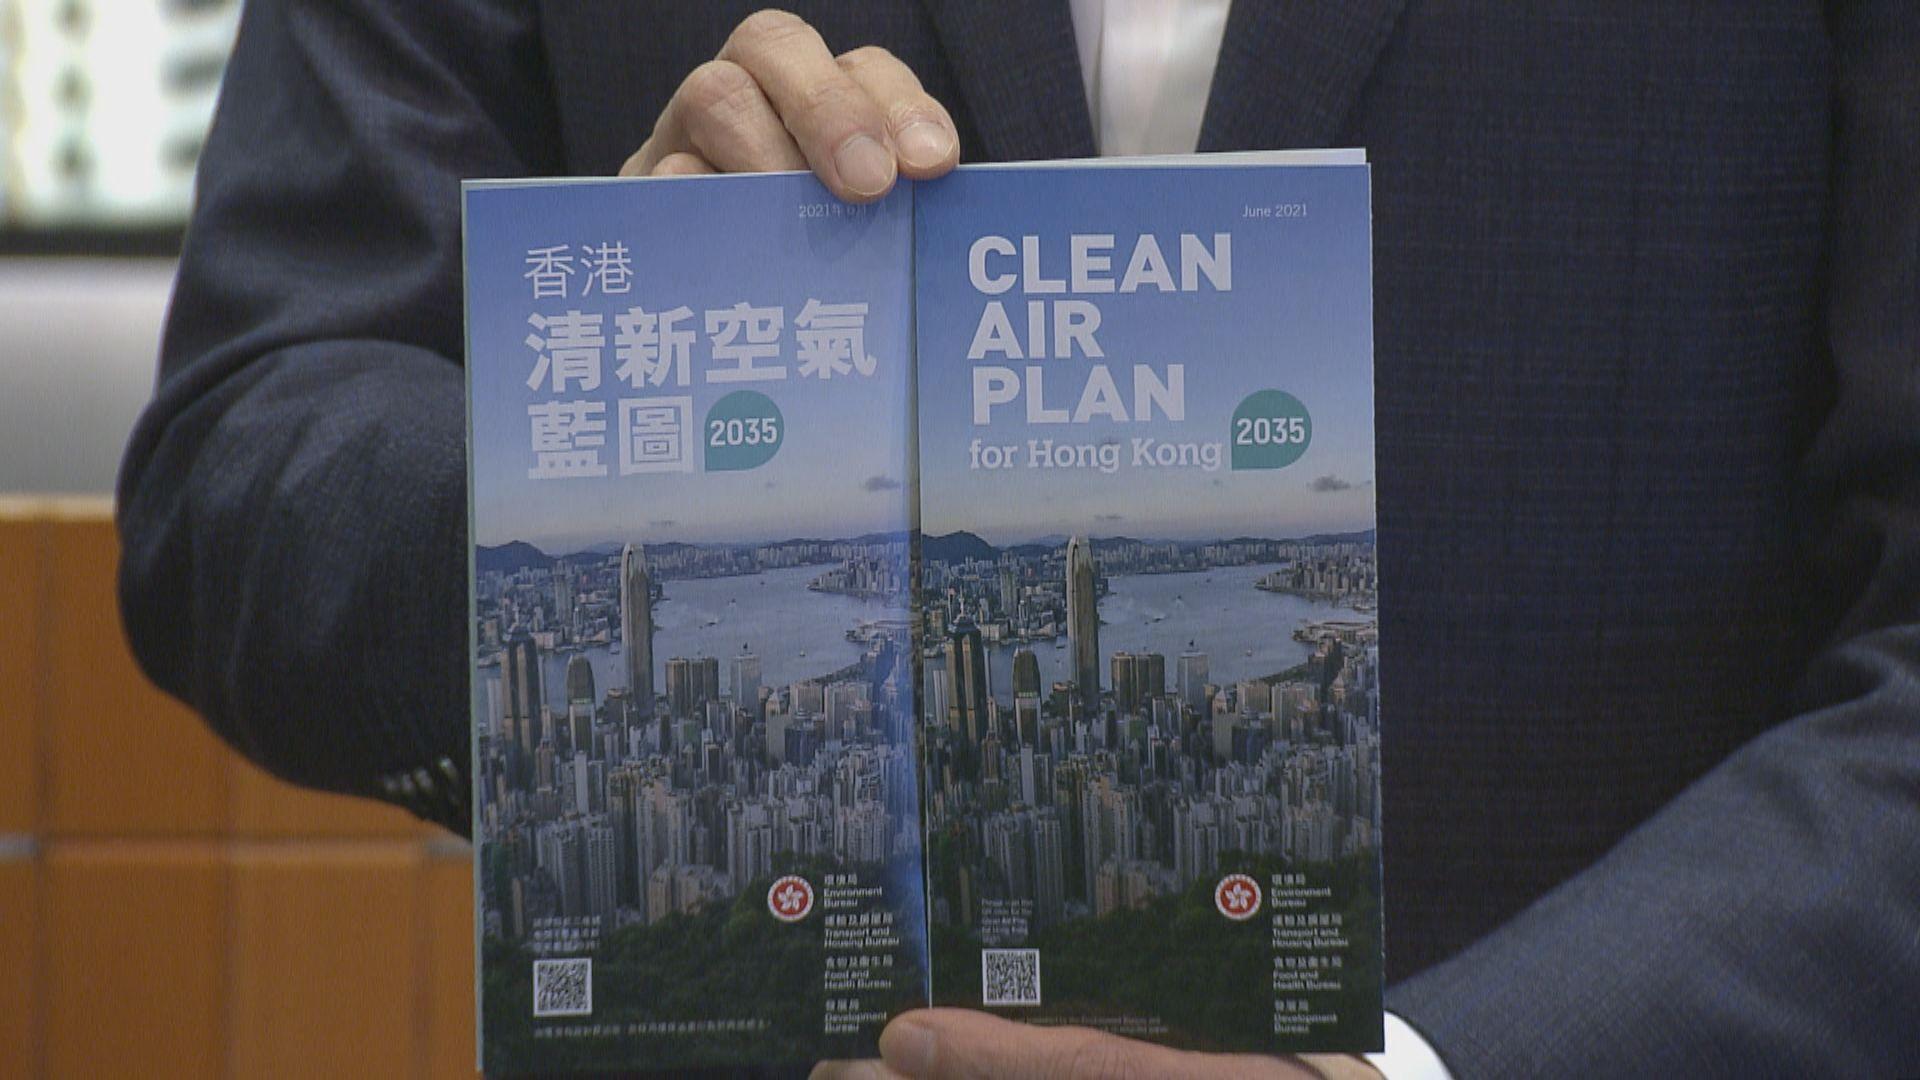 香港清新空氣藍圖2035 長遠冀全部符世衛指標